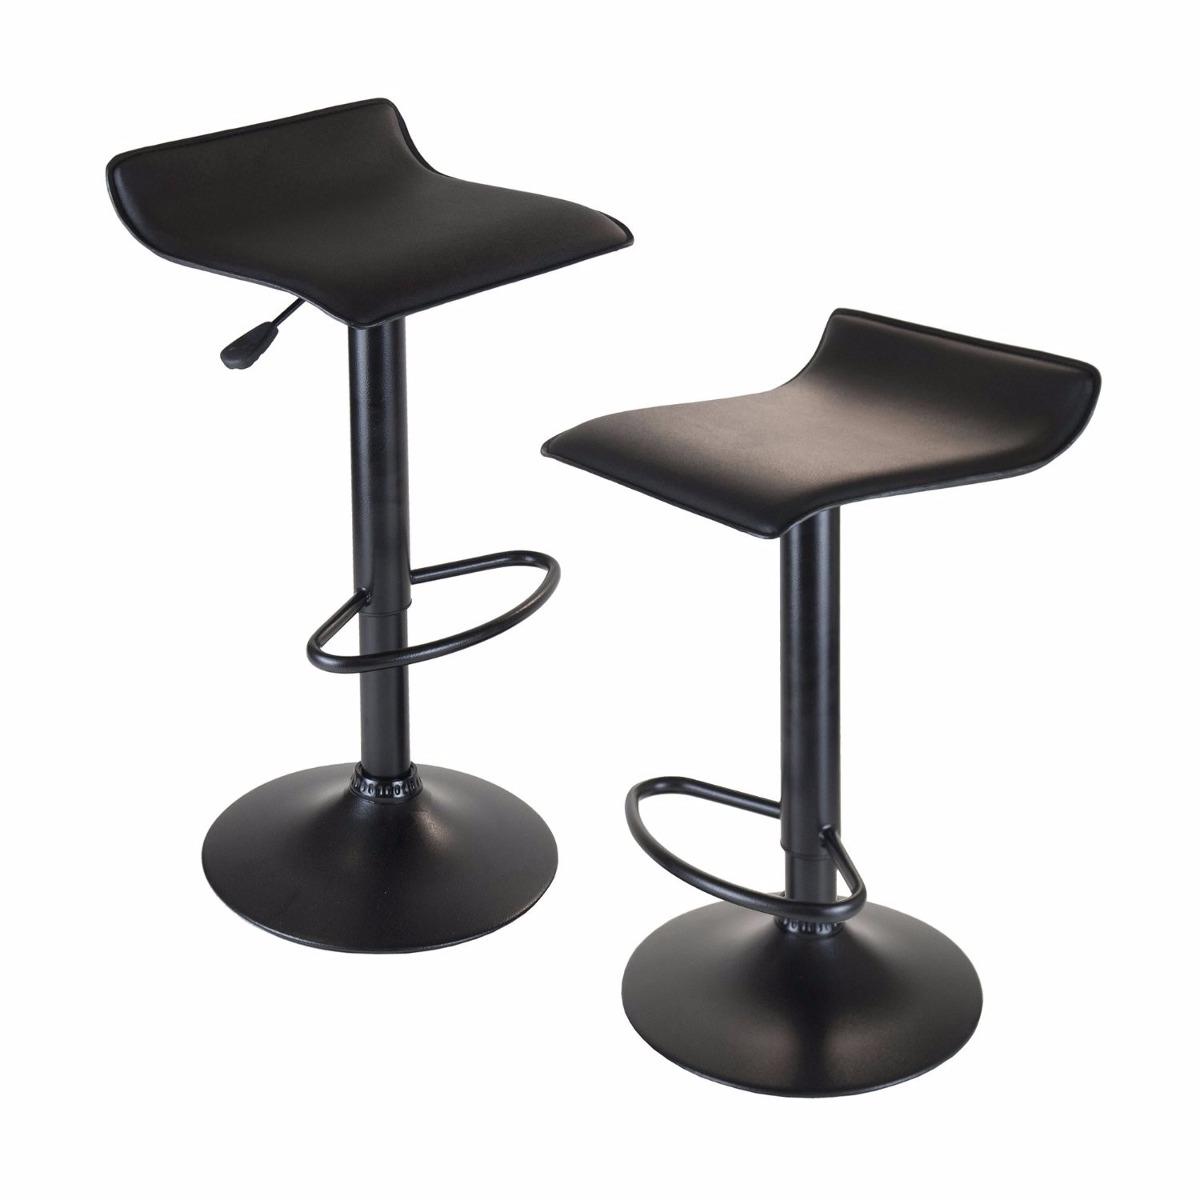 Set 2 sillas banco para cocina barra leick negro base for Sillas cocina negras